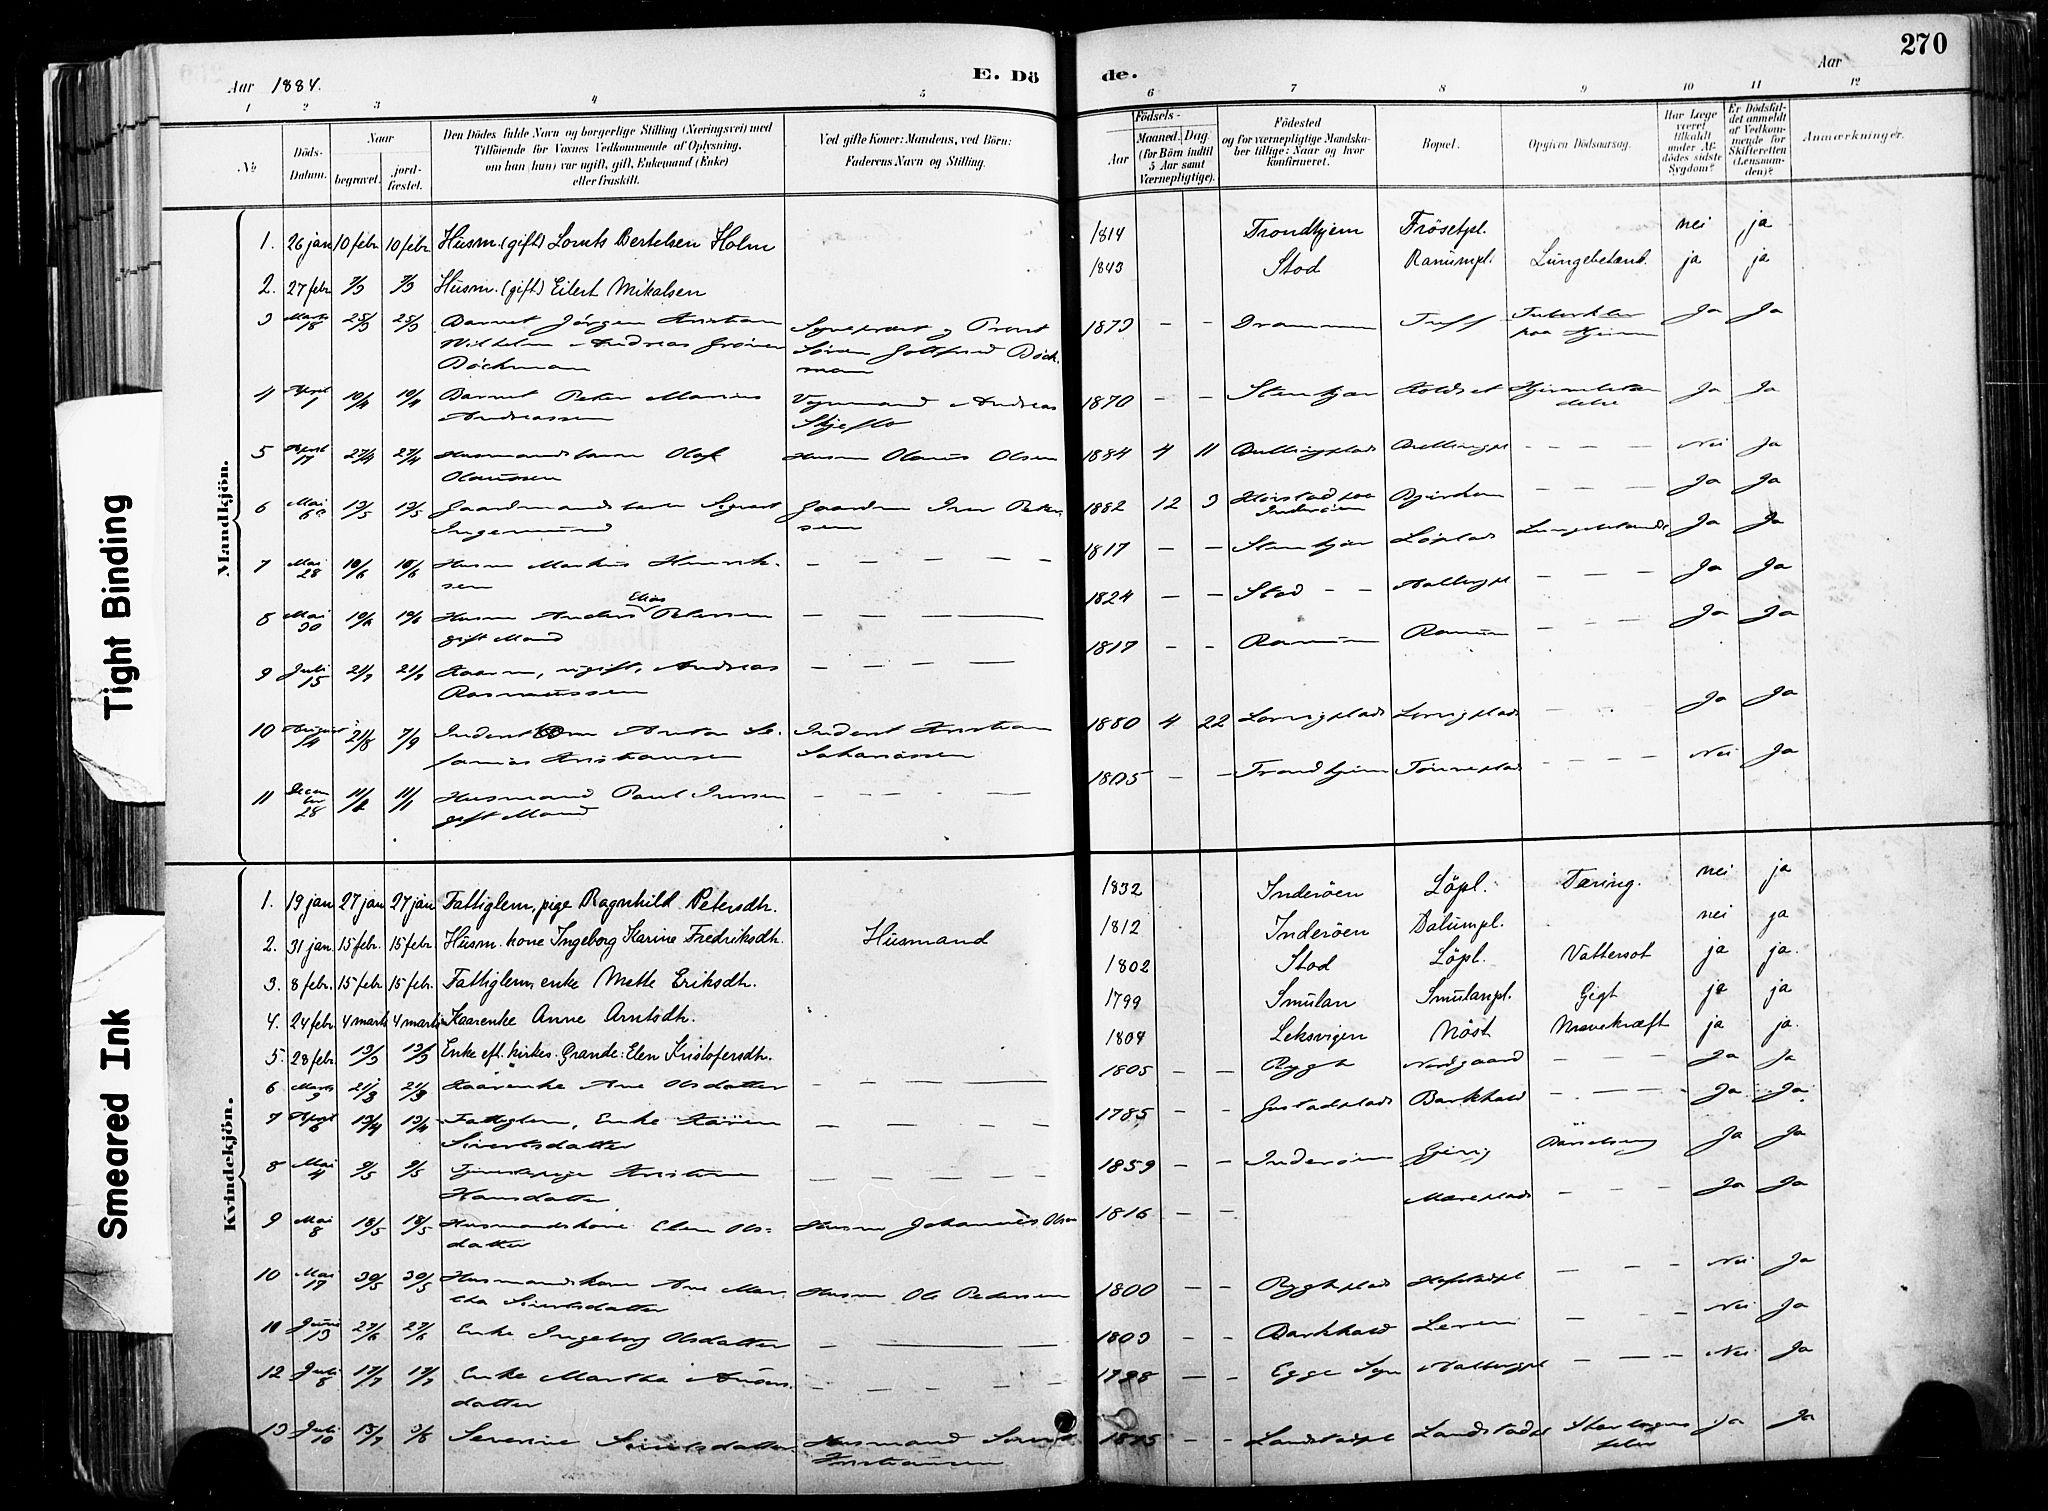 SAT, Ministerialprotokoller, klokkerbøker og fødselsregistre - Nord-Trøndelag, 735/L0351: Ministerialbok nr. 735A10, 1884-1908, s. 270